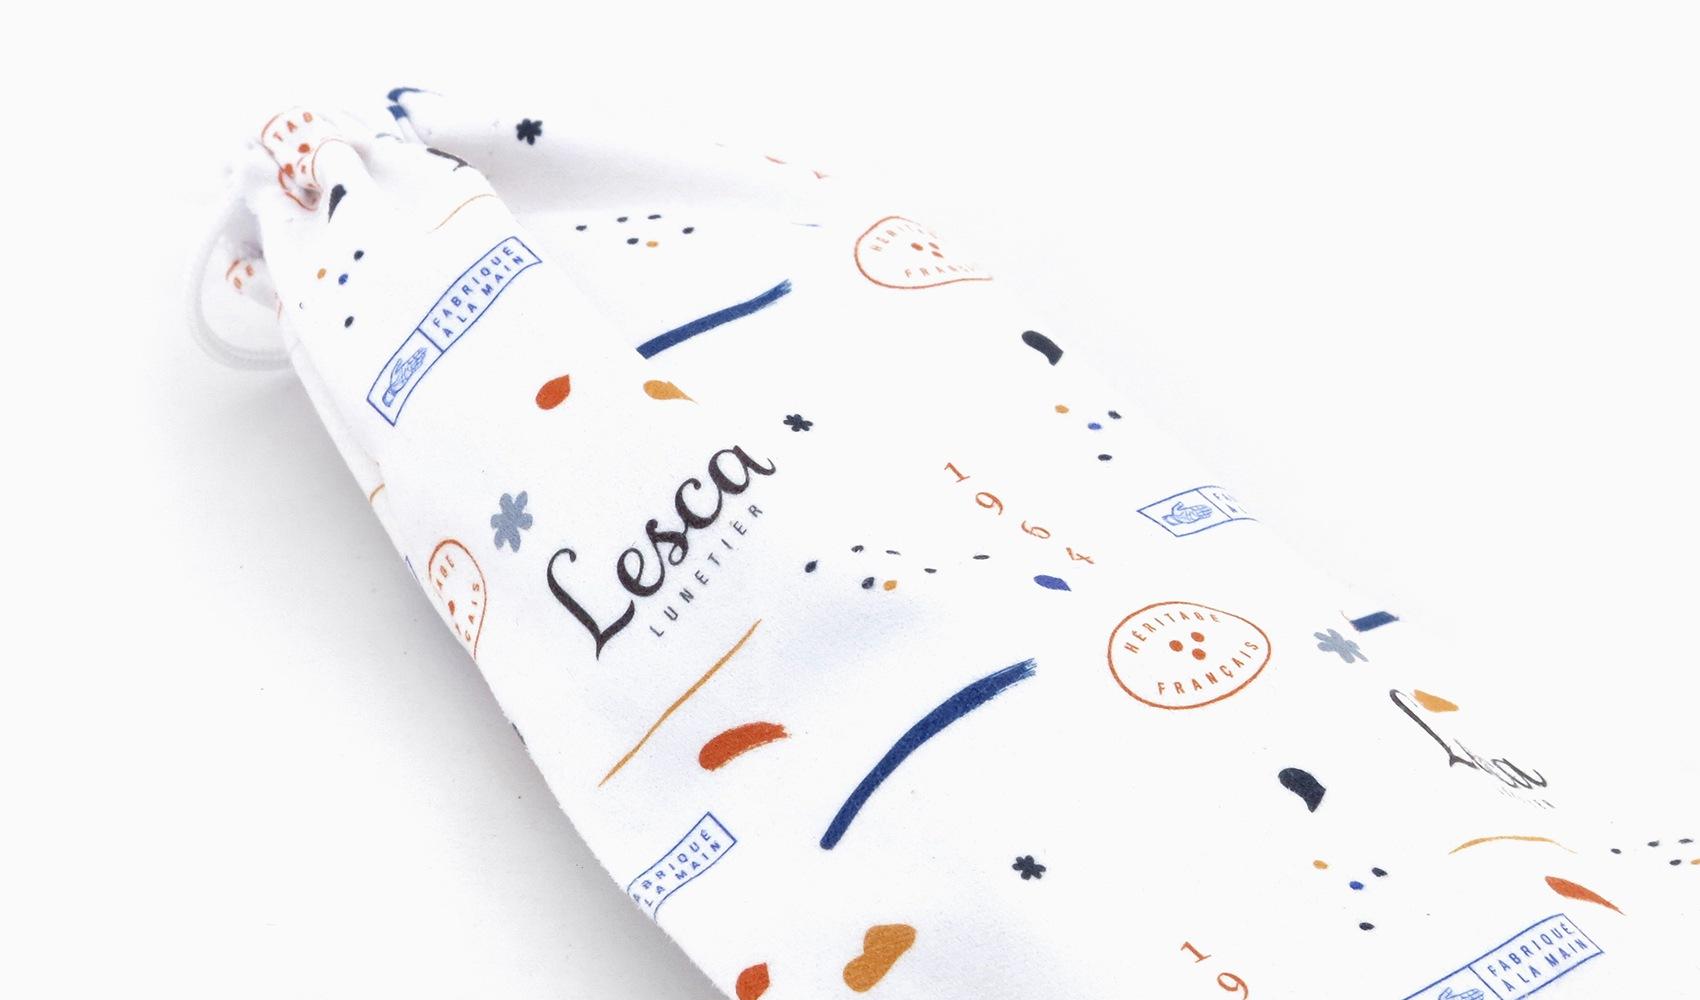 160805_Lesca_new_02